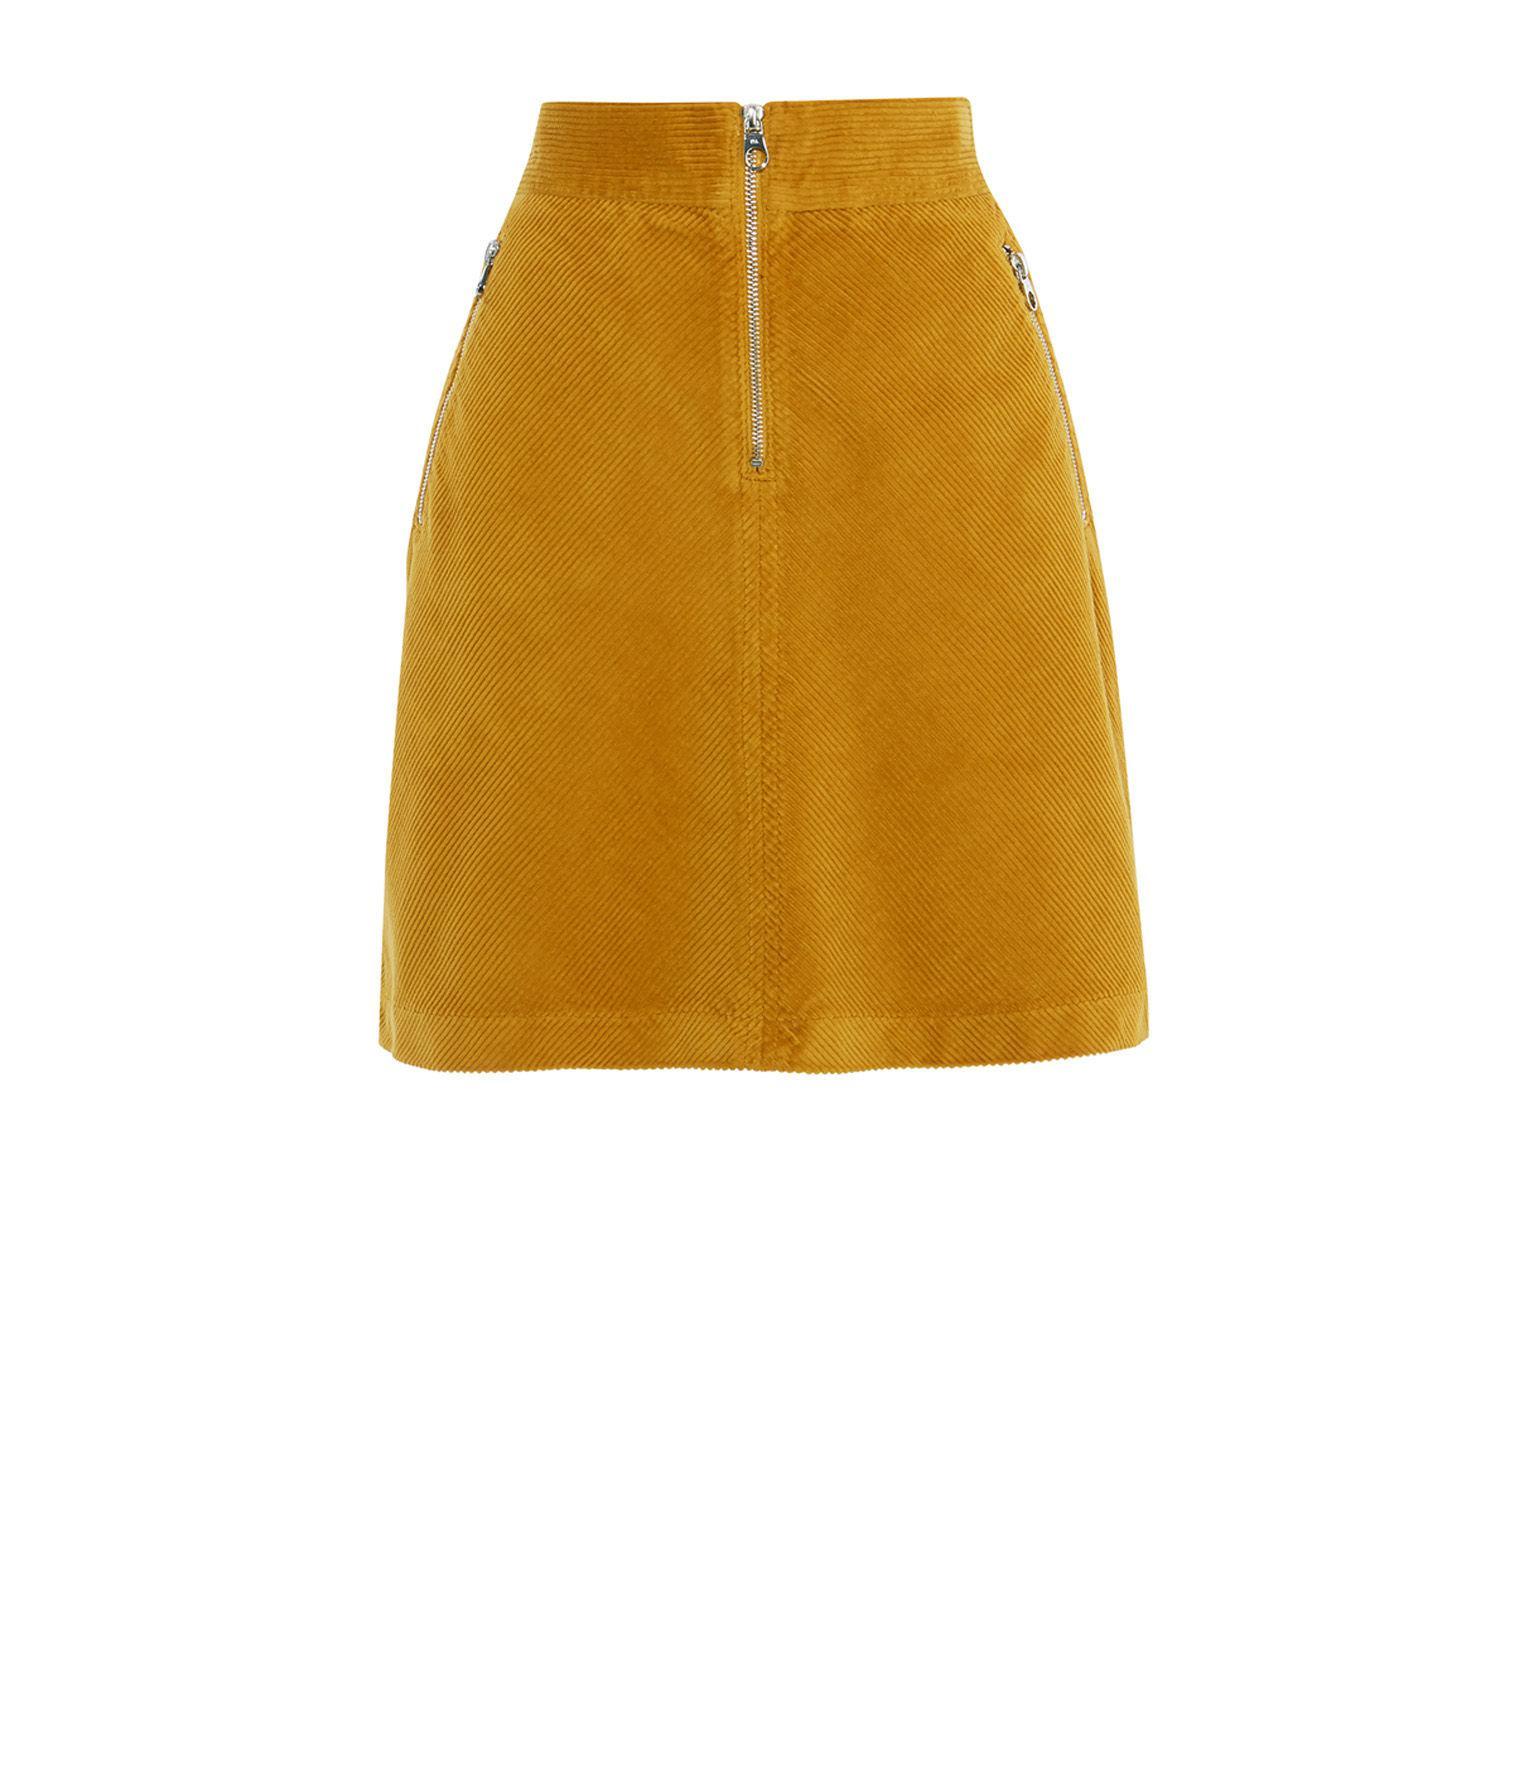 37a473c86999 Karen Millen. Women's Corduroy Mini A-line Skirt